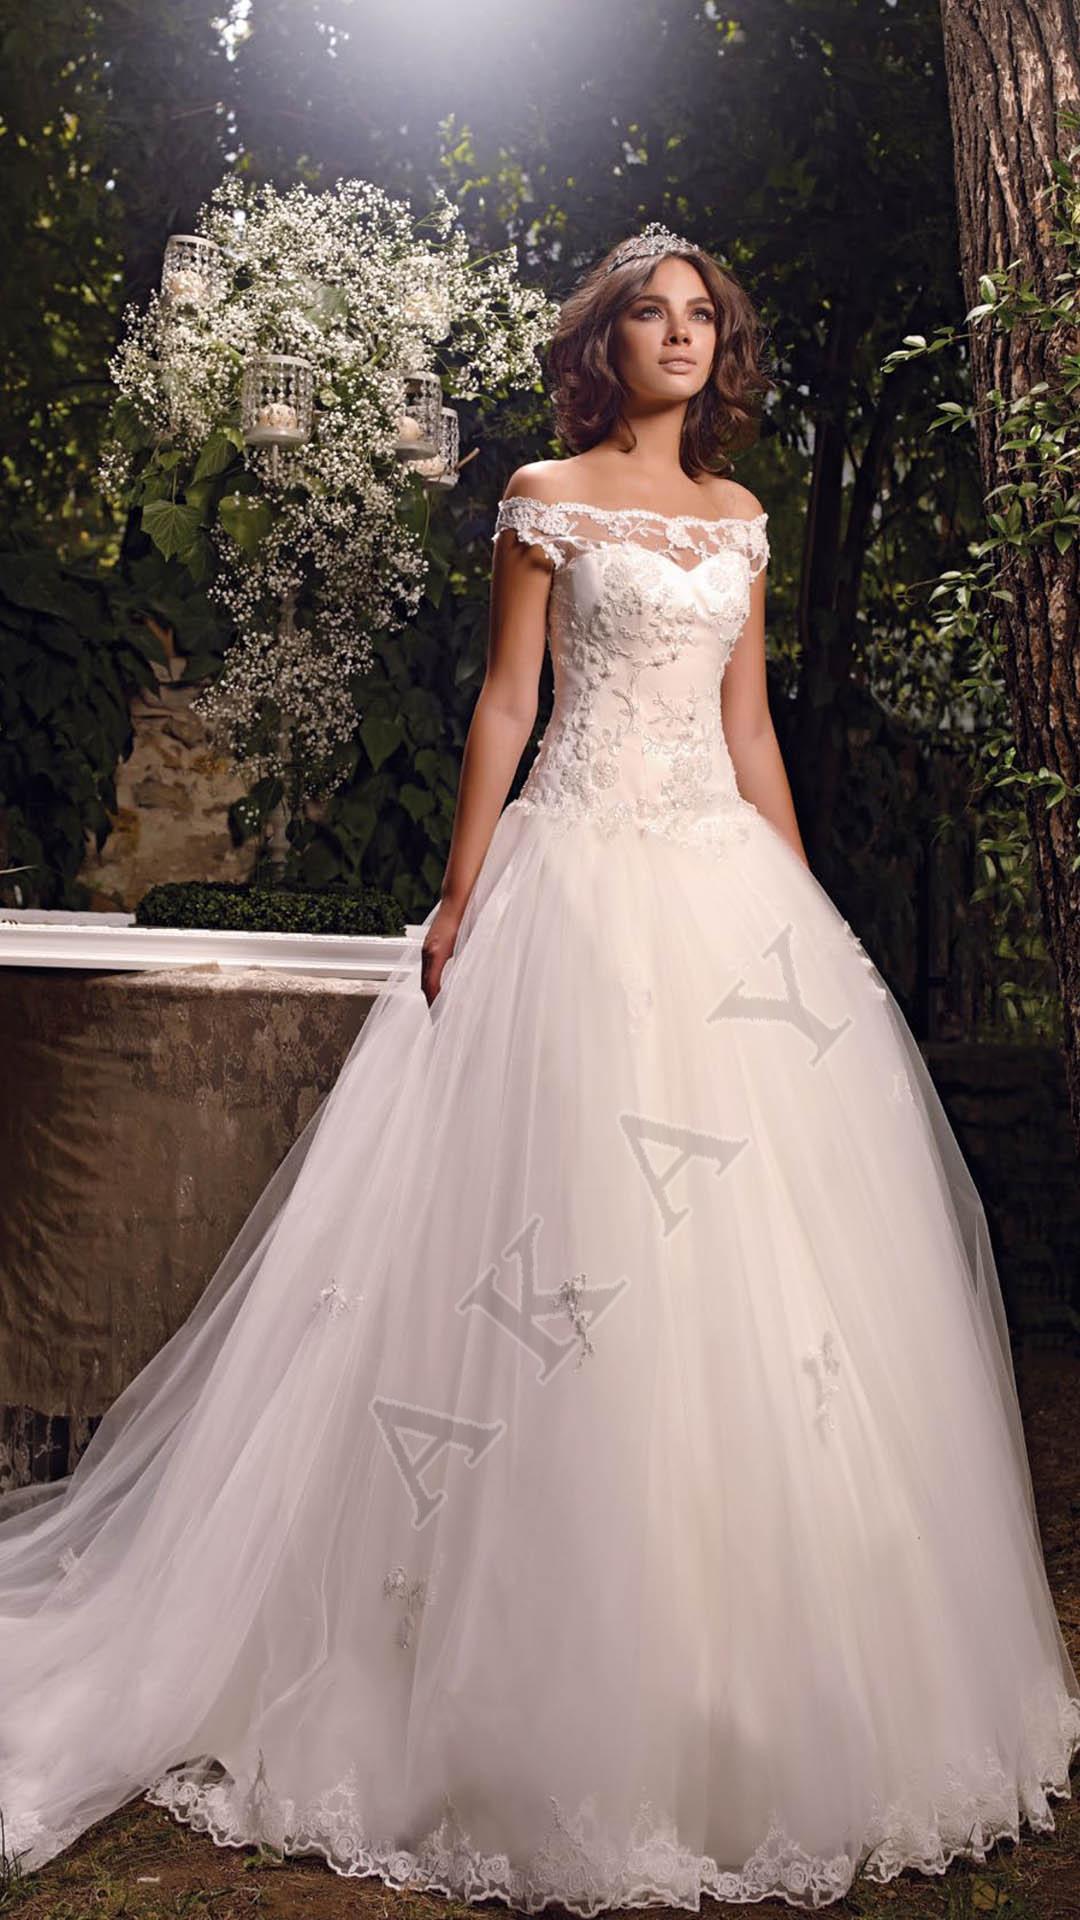 Akay Wedding Dress Private 2015 1139 - Turkish Fashion Style